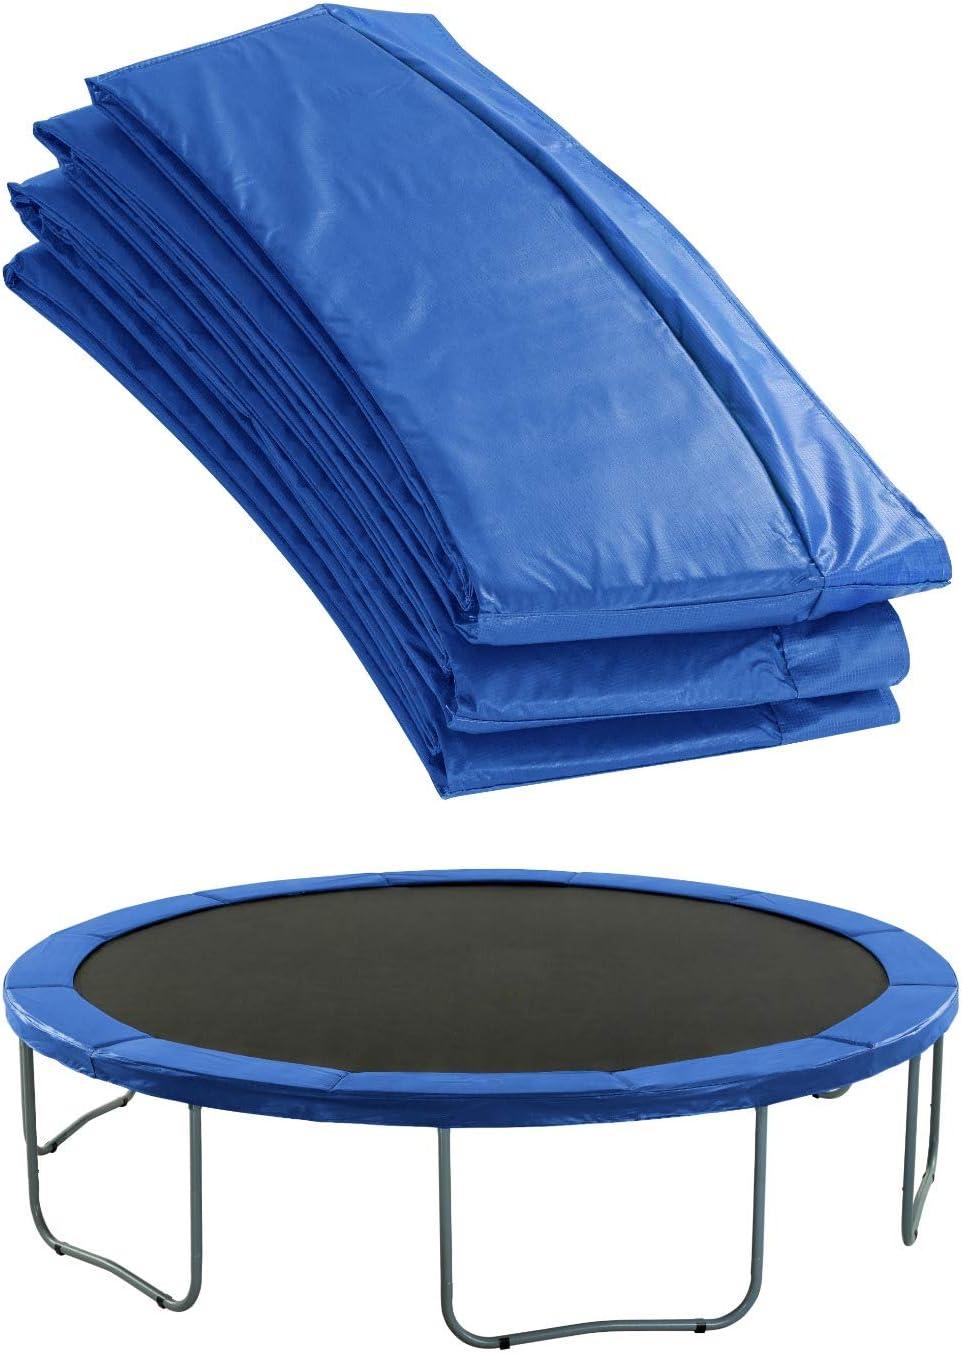 Upper Bounce Cubierta Cama Elástica de Protección para Bordes de Repuesto Premium (Cubre Resortes Muelles) Proteccion de muelles de Camas elasticas 3.05 m Espesor 1.9 cm Cerco 25.4 cm Azul